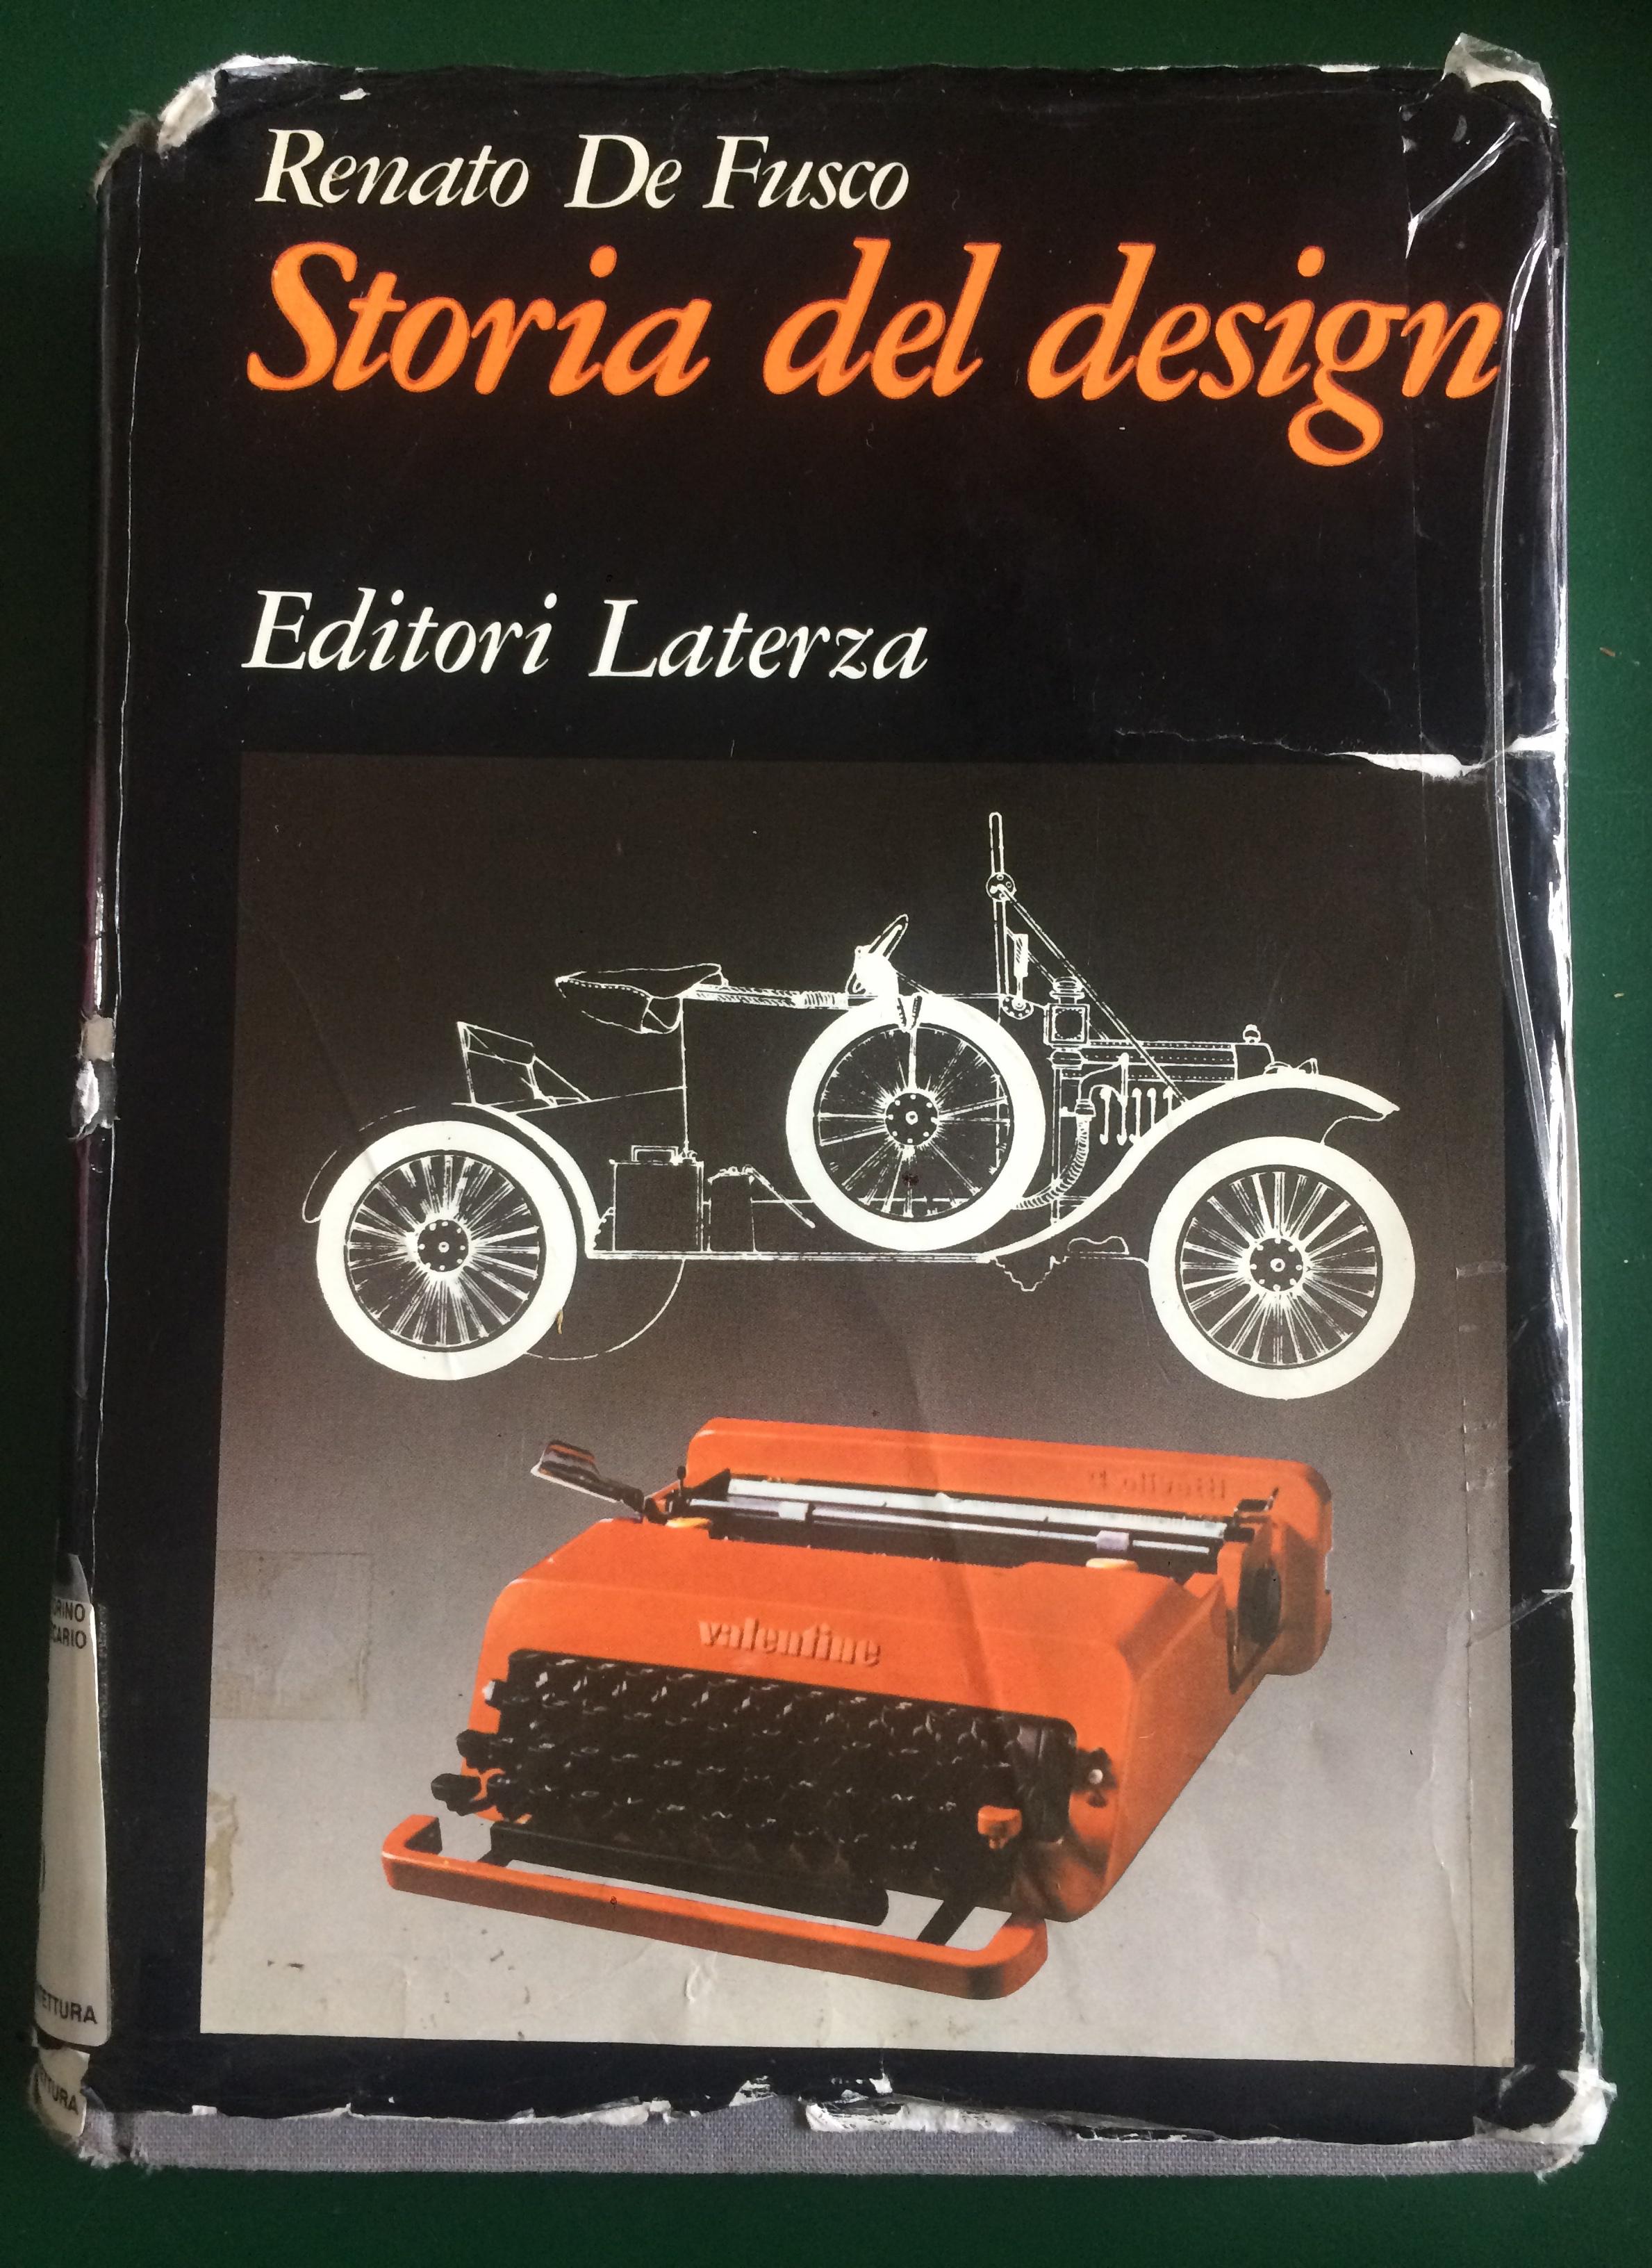 bc746ee7d0720 storia del design Archives - AIS Design